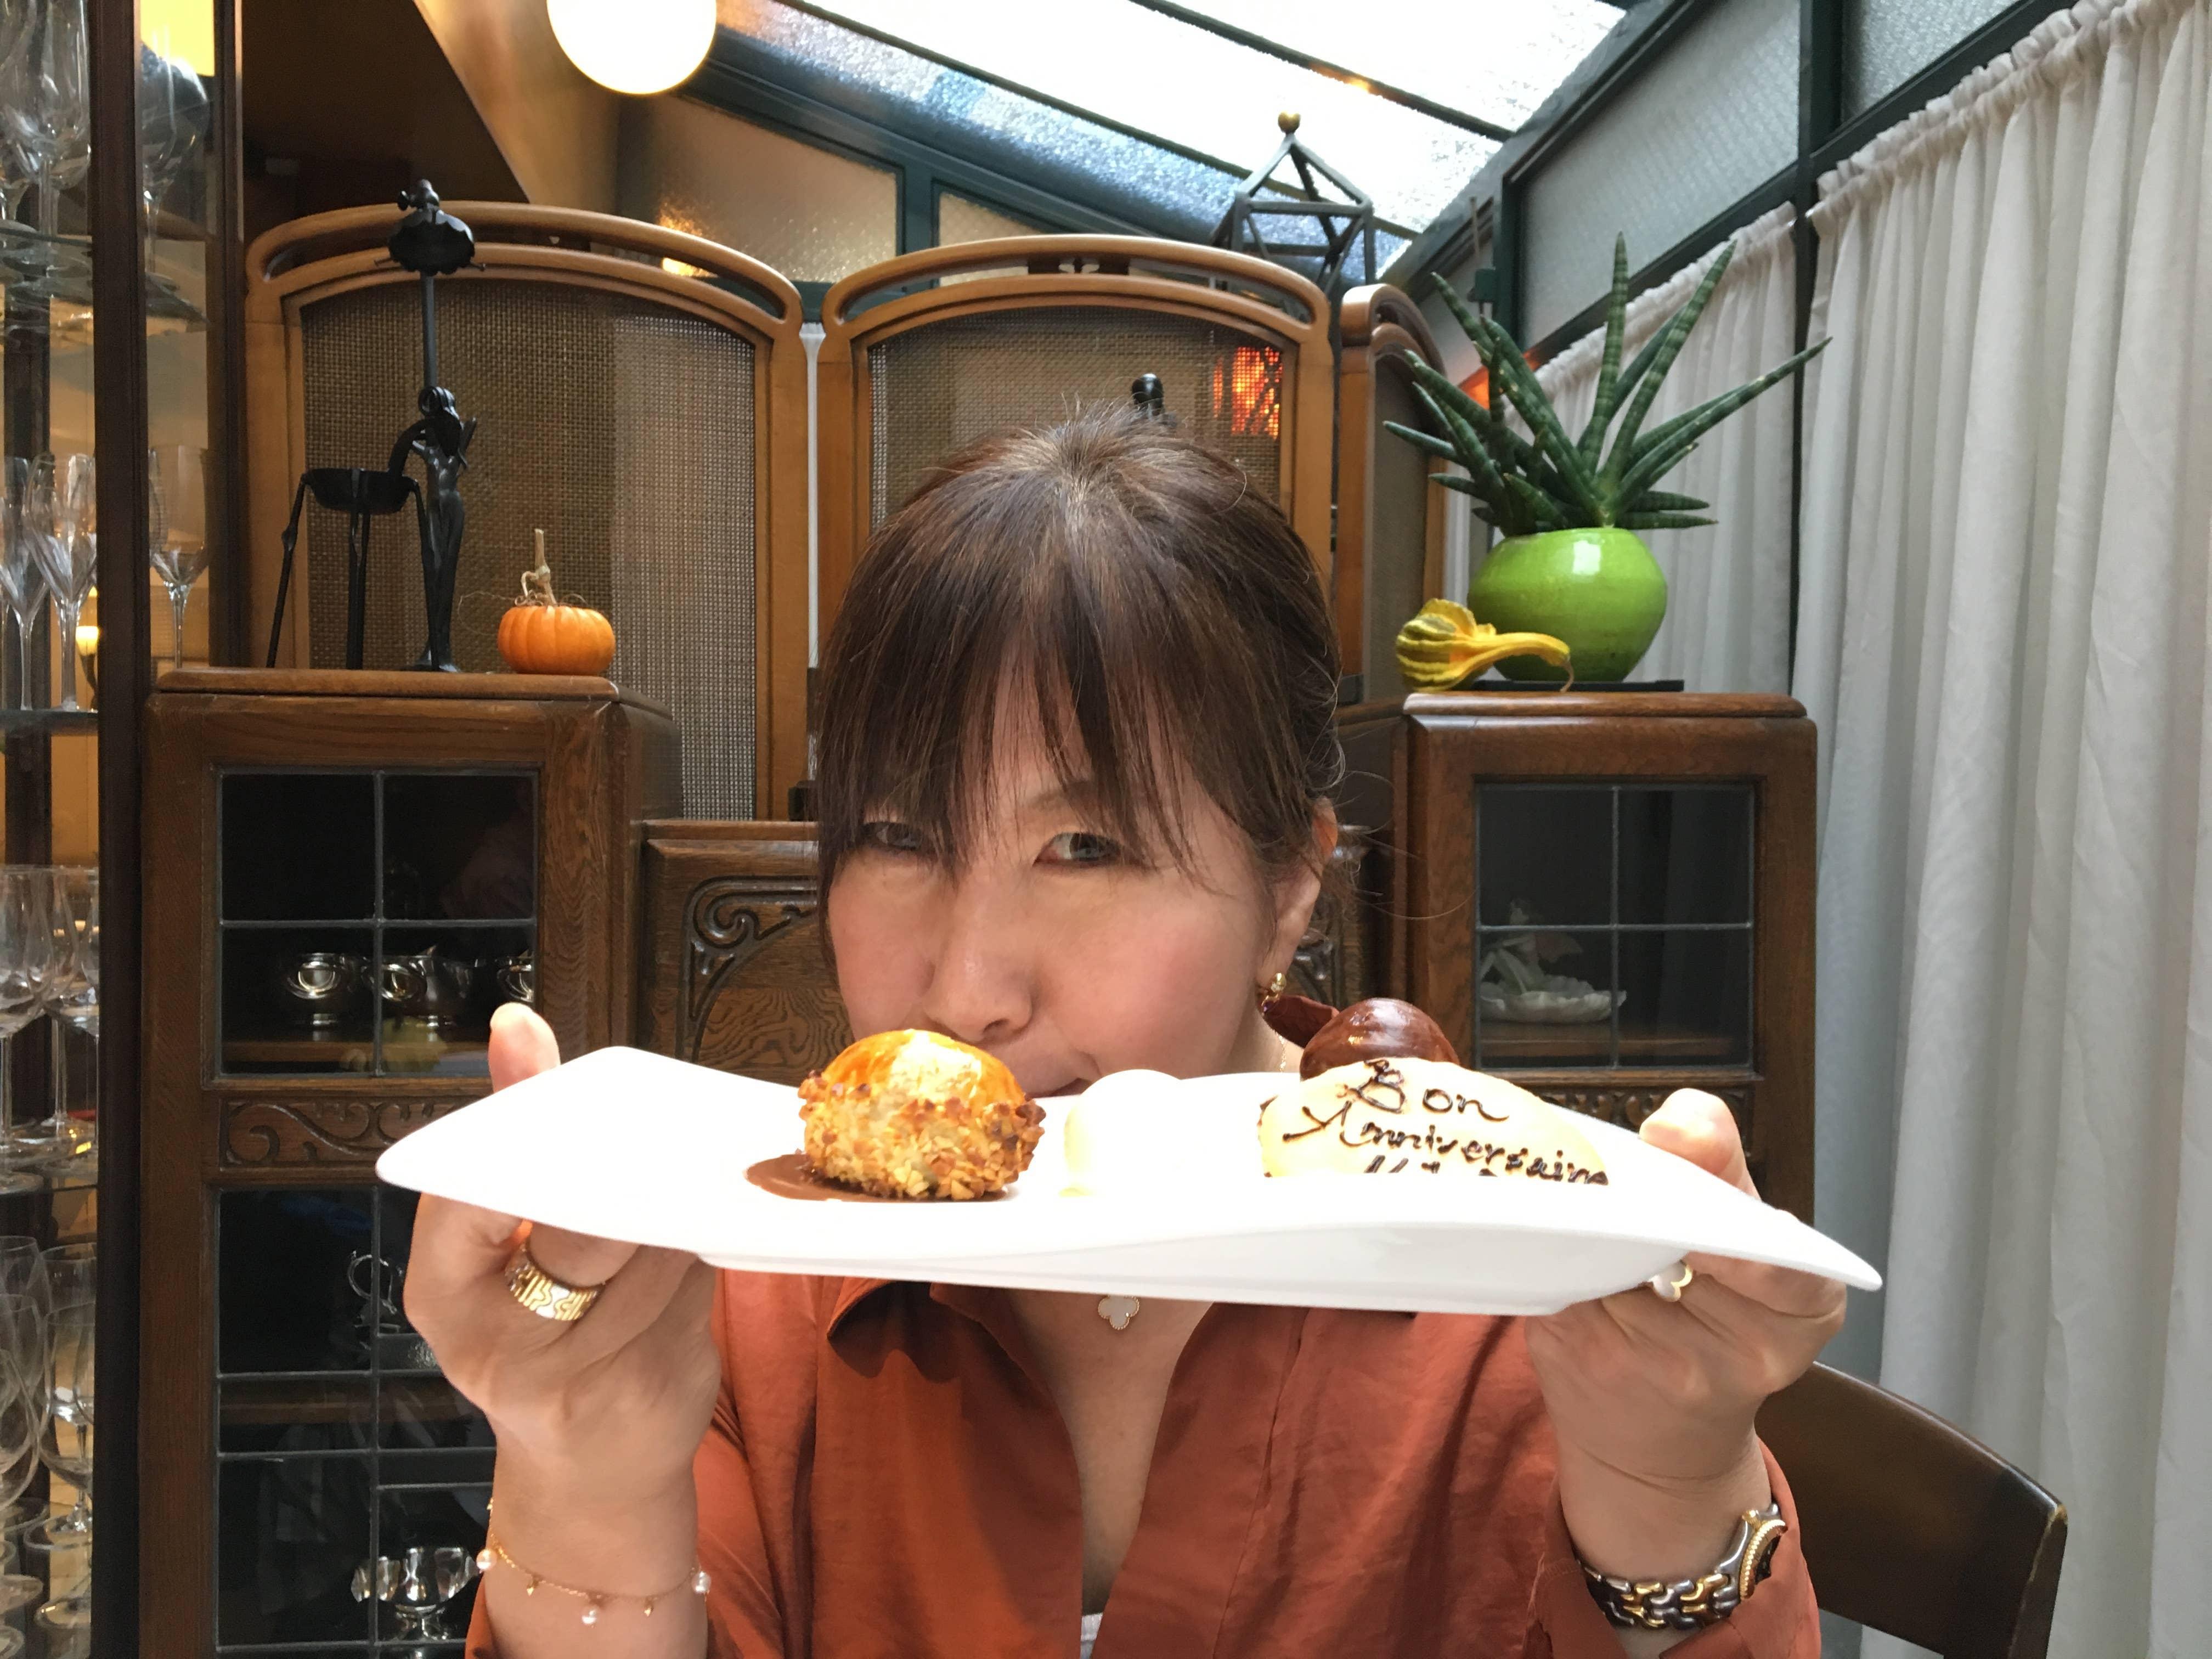 Tomiyasu Mio